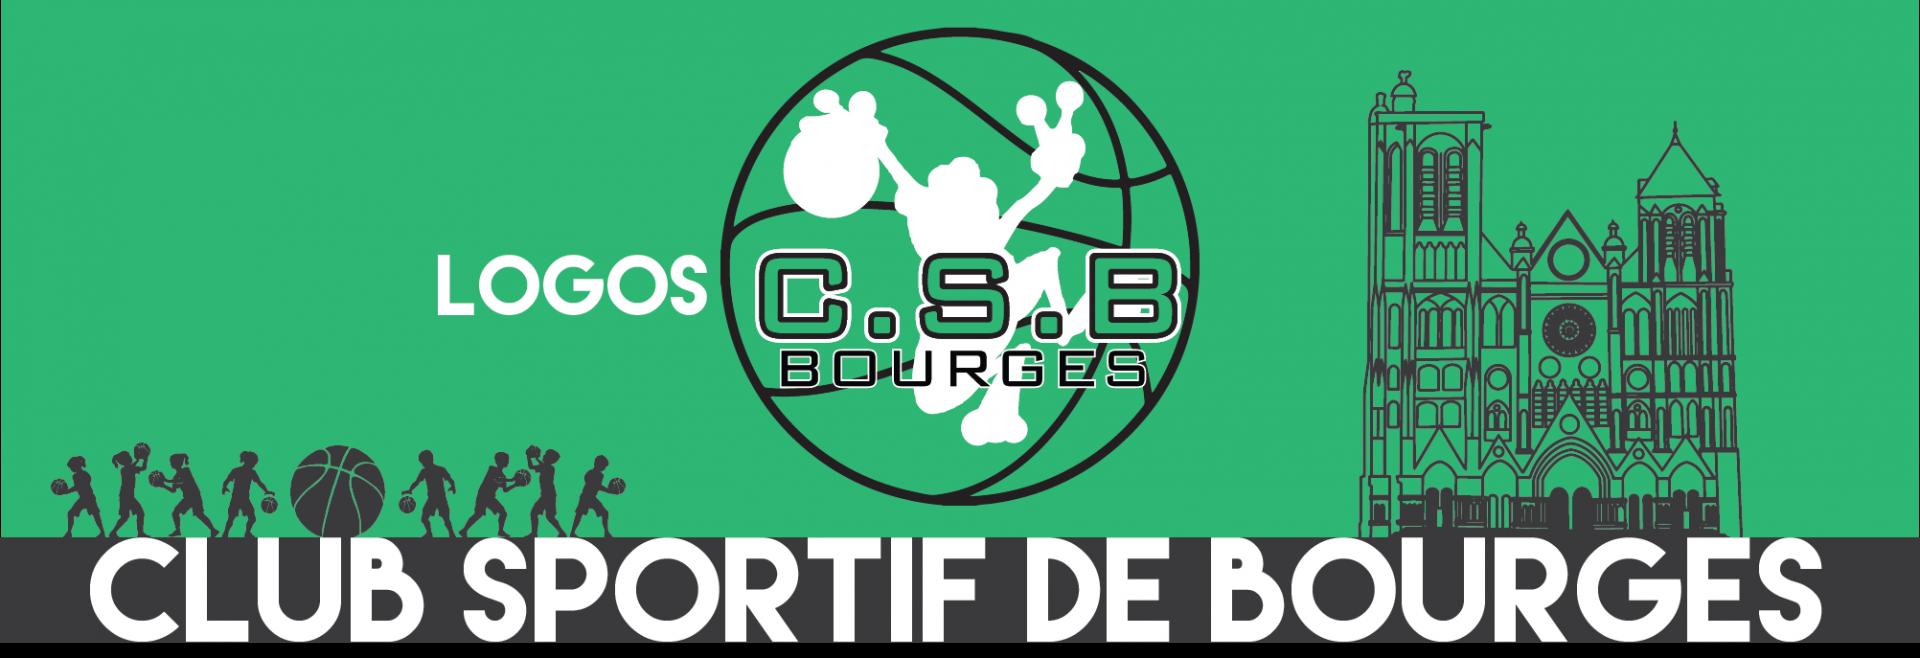 Logos2018